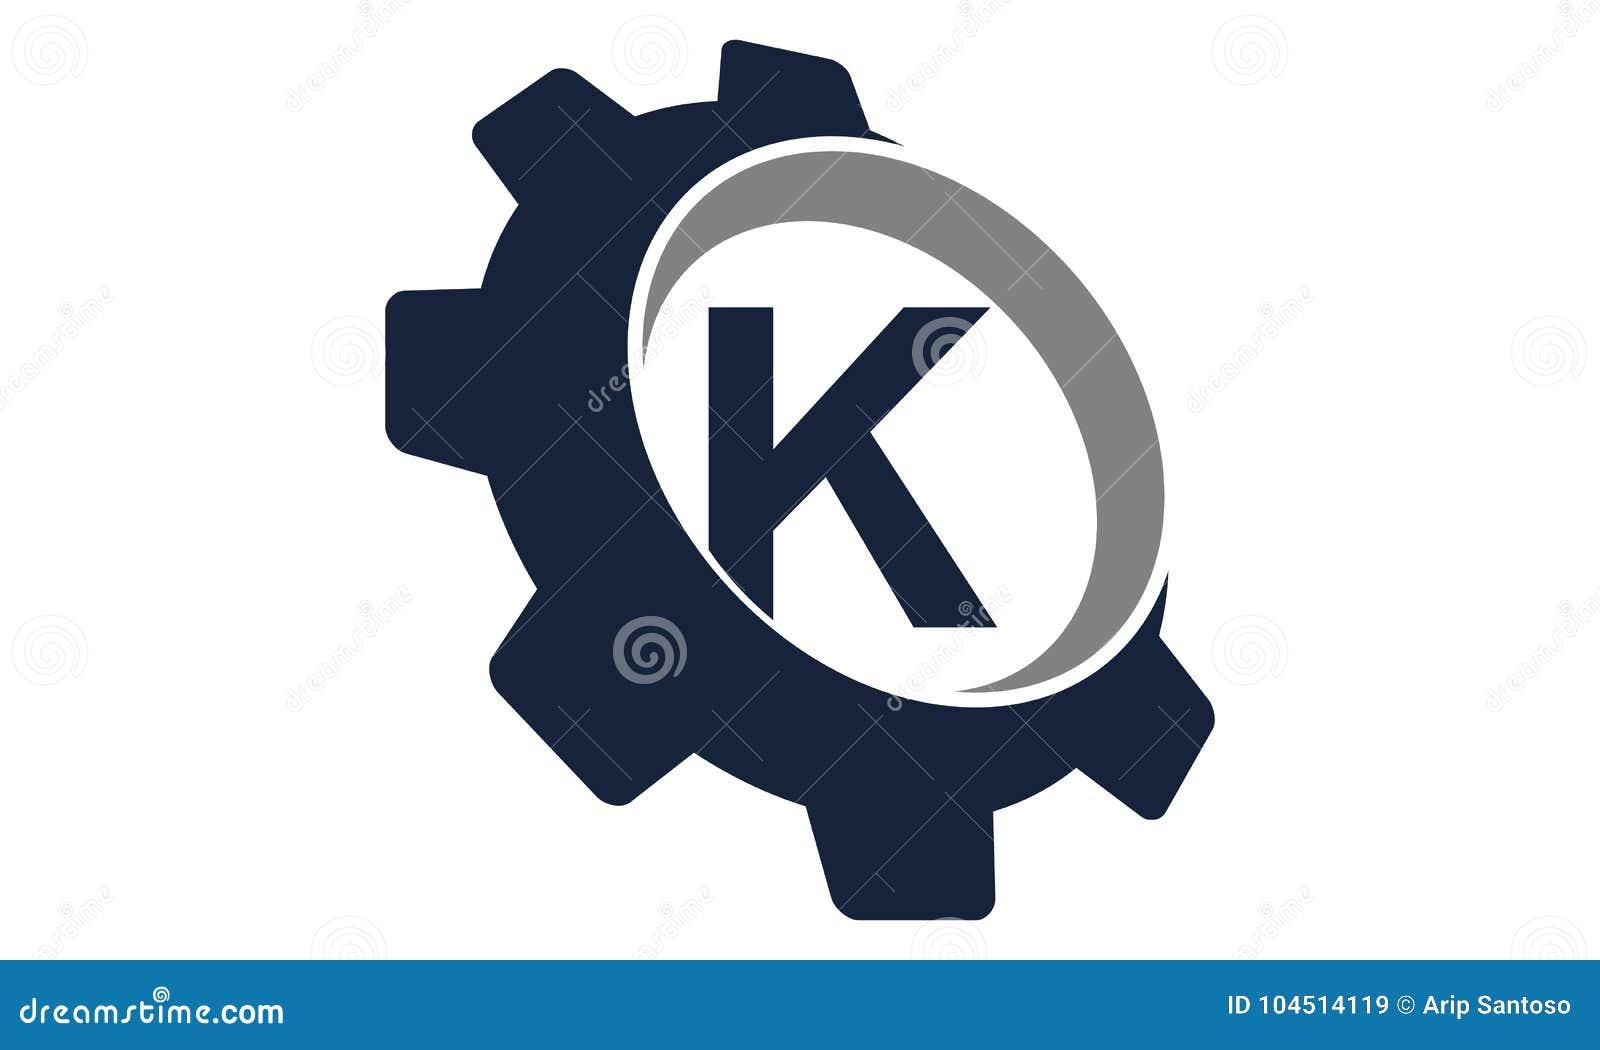 gear logo letter k